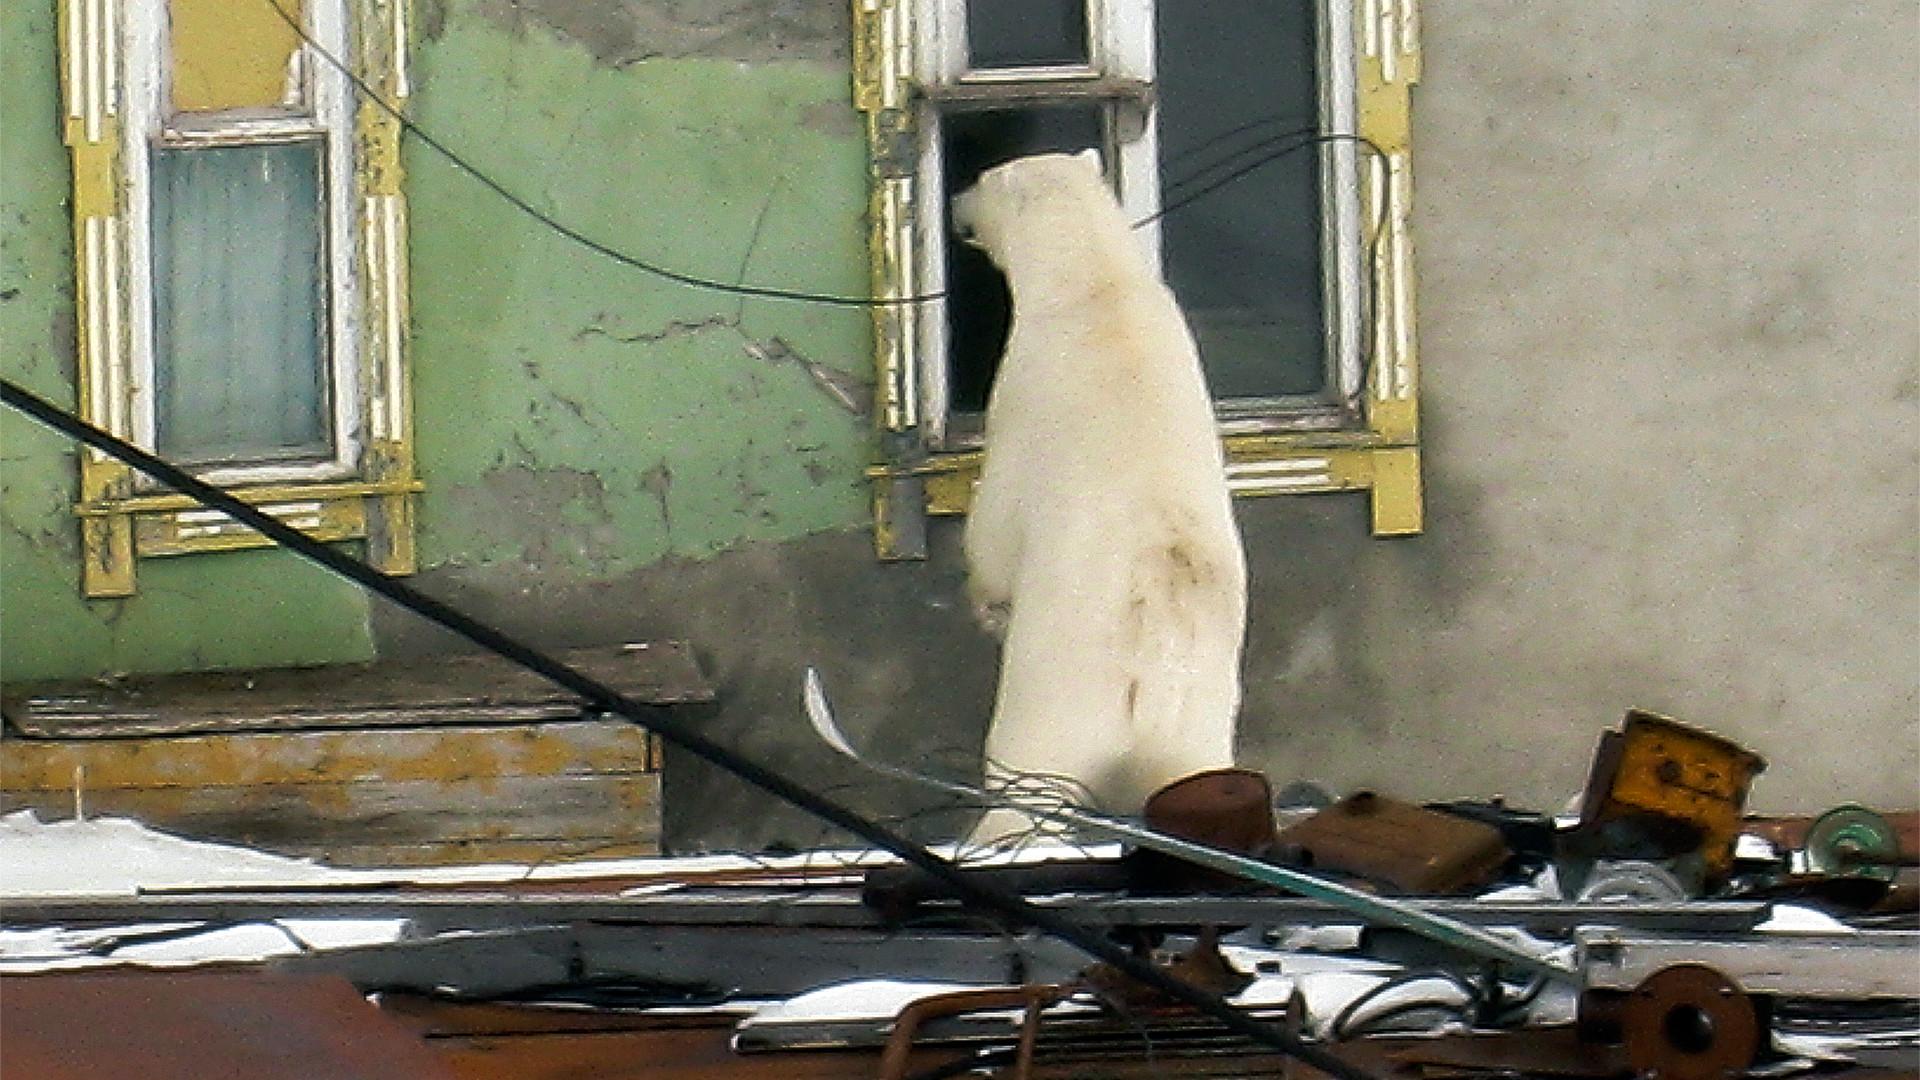 Bear in the Amderma village